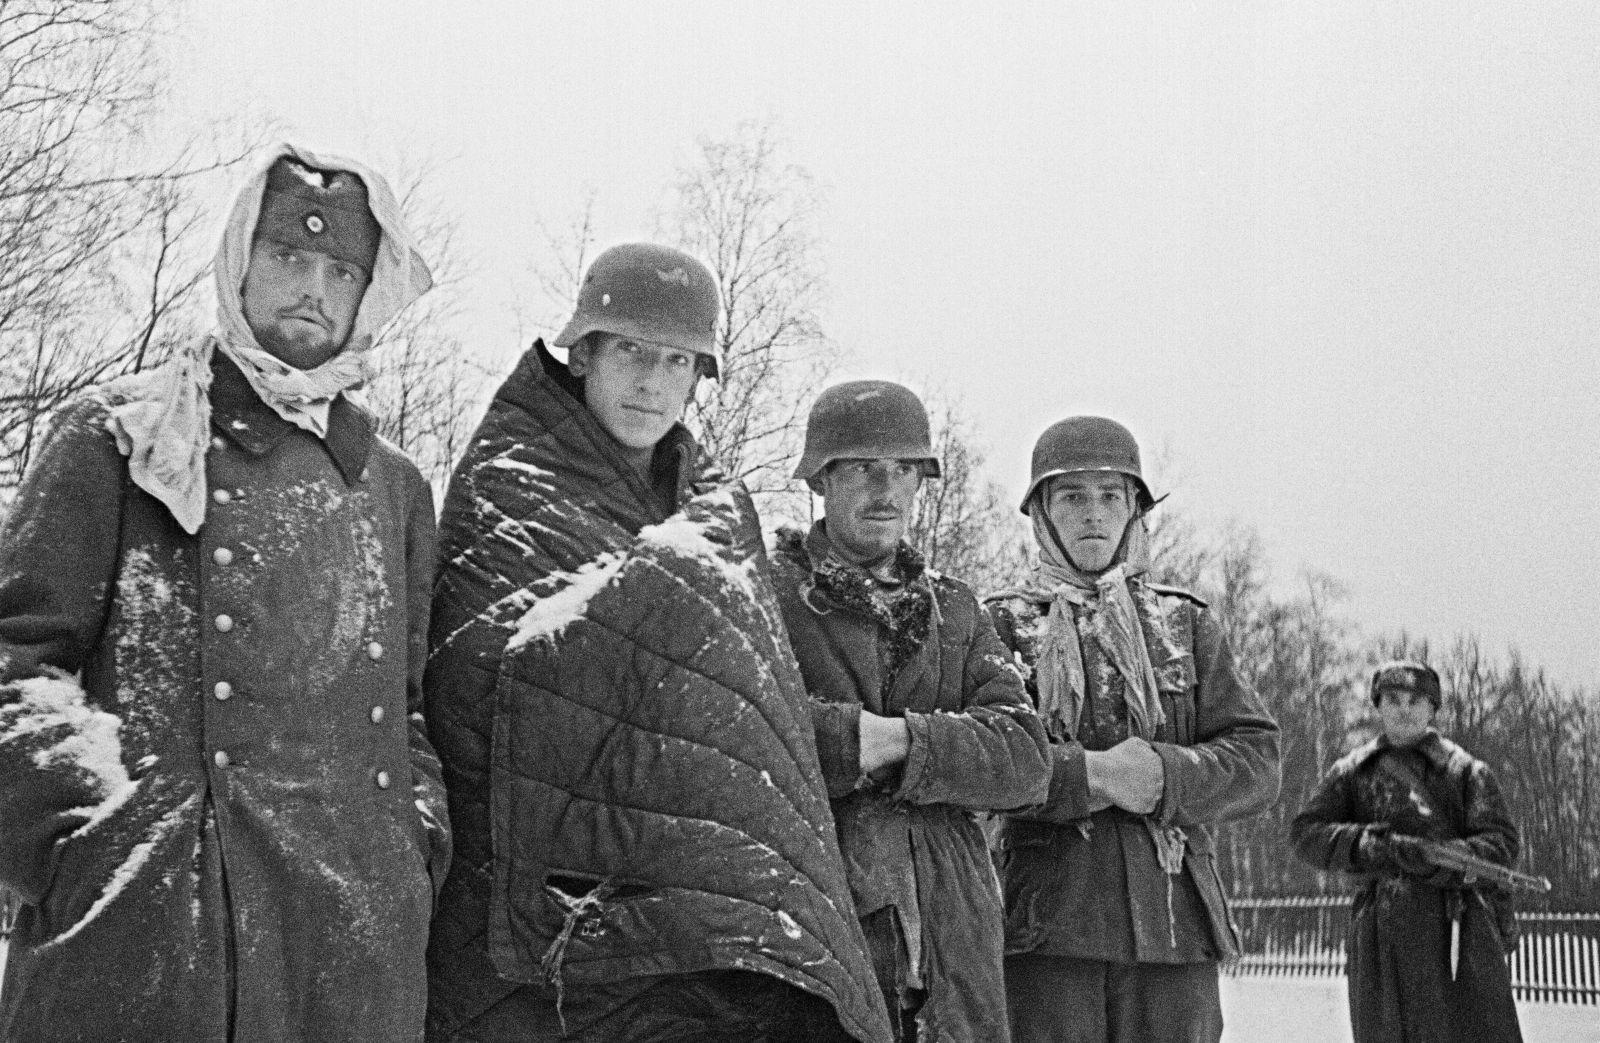 Пленные немцы после сражения под Москвой в 1941 году